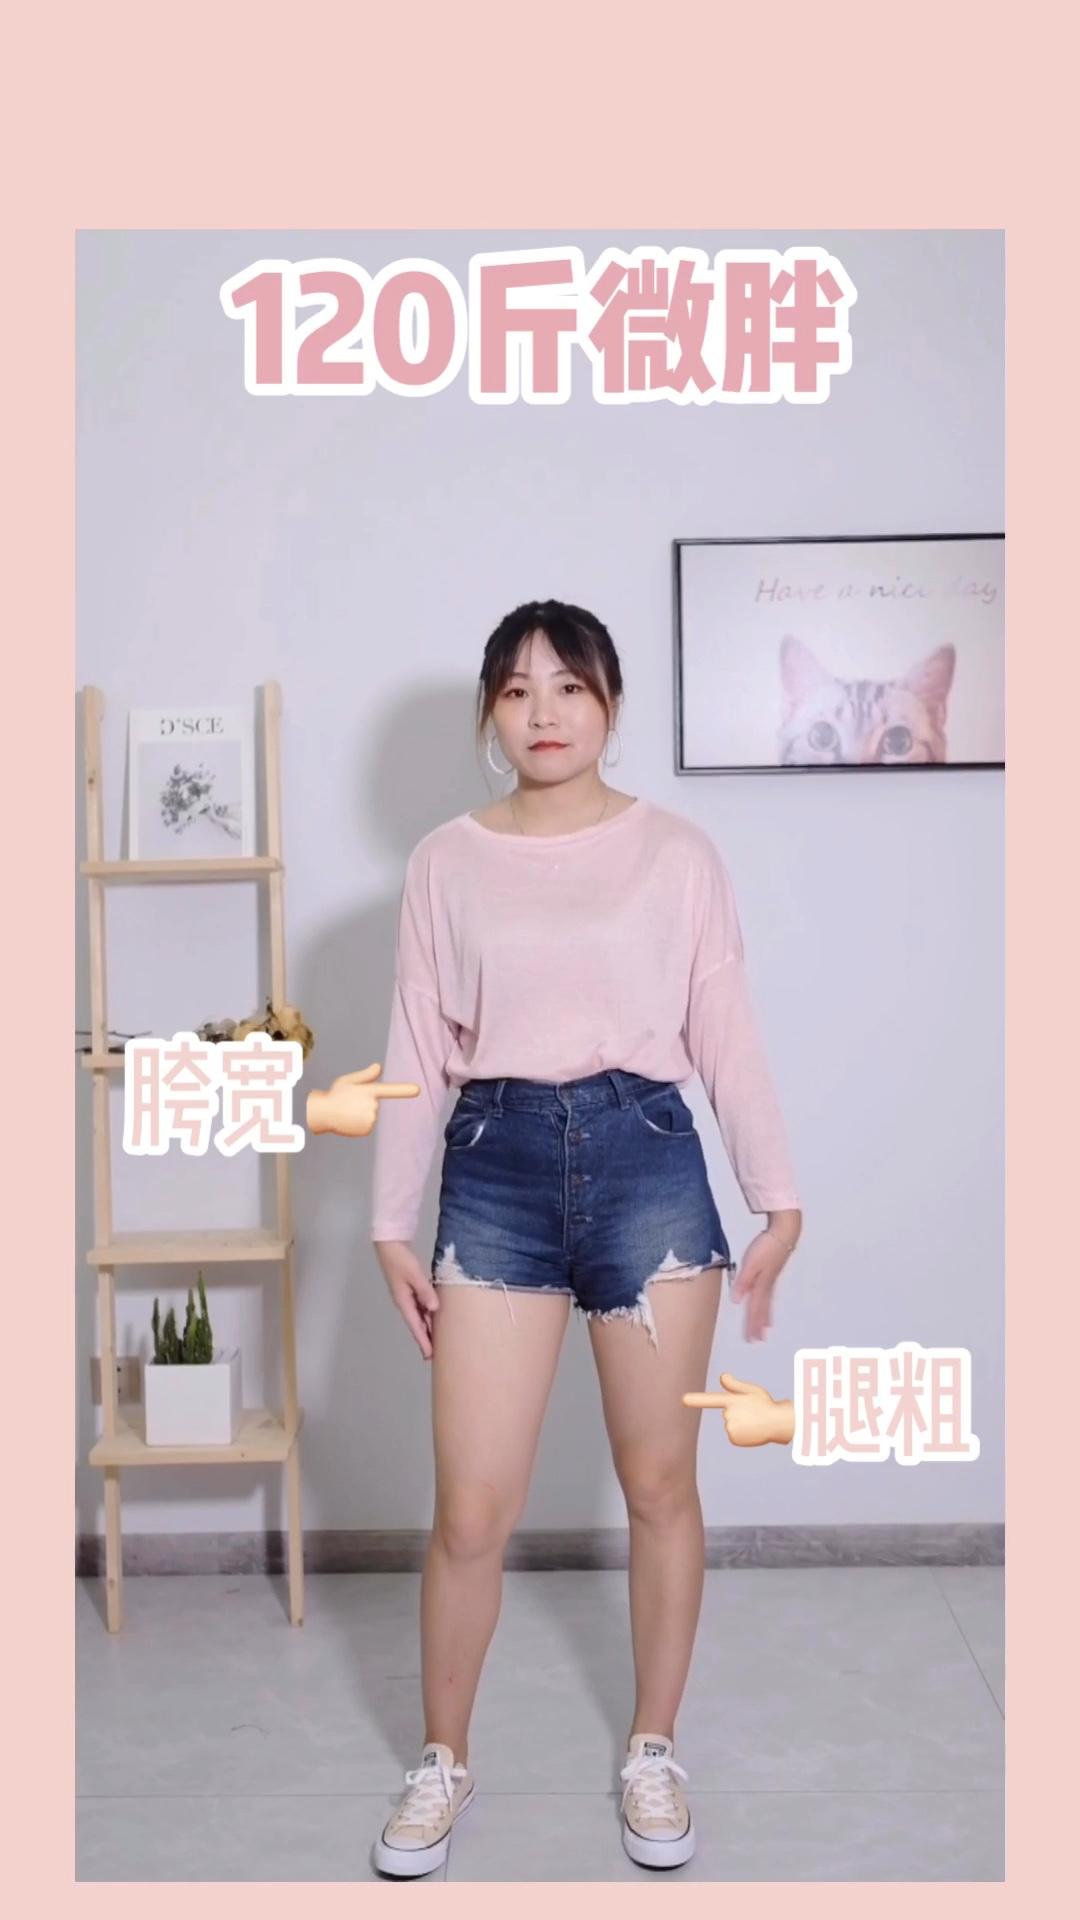 #微胖界,高段位显瘦这么穿!# 腿粗微胖一直不敢穿裤装对吧,今日份套装安利来啦,大腿粗一定不要穿紧身热裤!!!像这种宽松的,裤腿较长的,高腰的就是很不错的选择。既能遮住大腿,还能显高!这两款套装颜色都很好看,非常适合夏天哦❤️